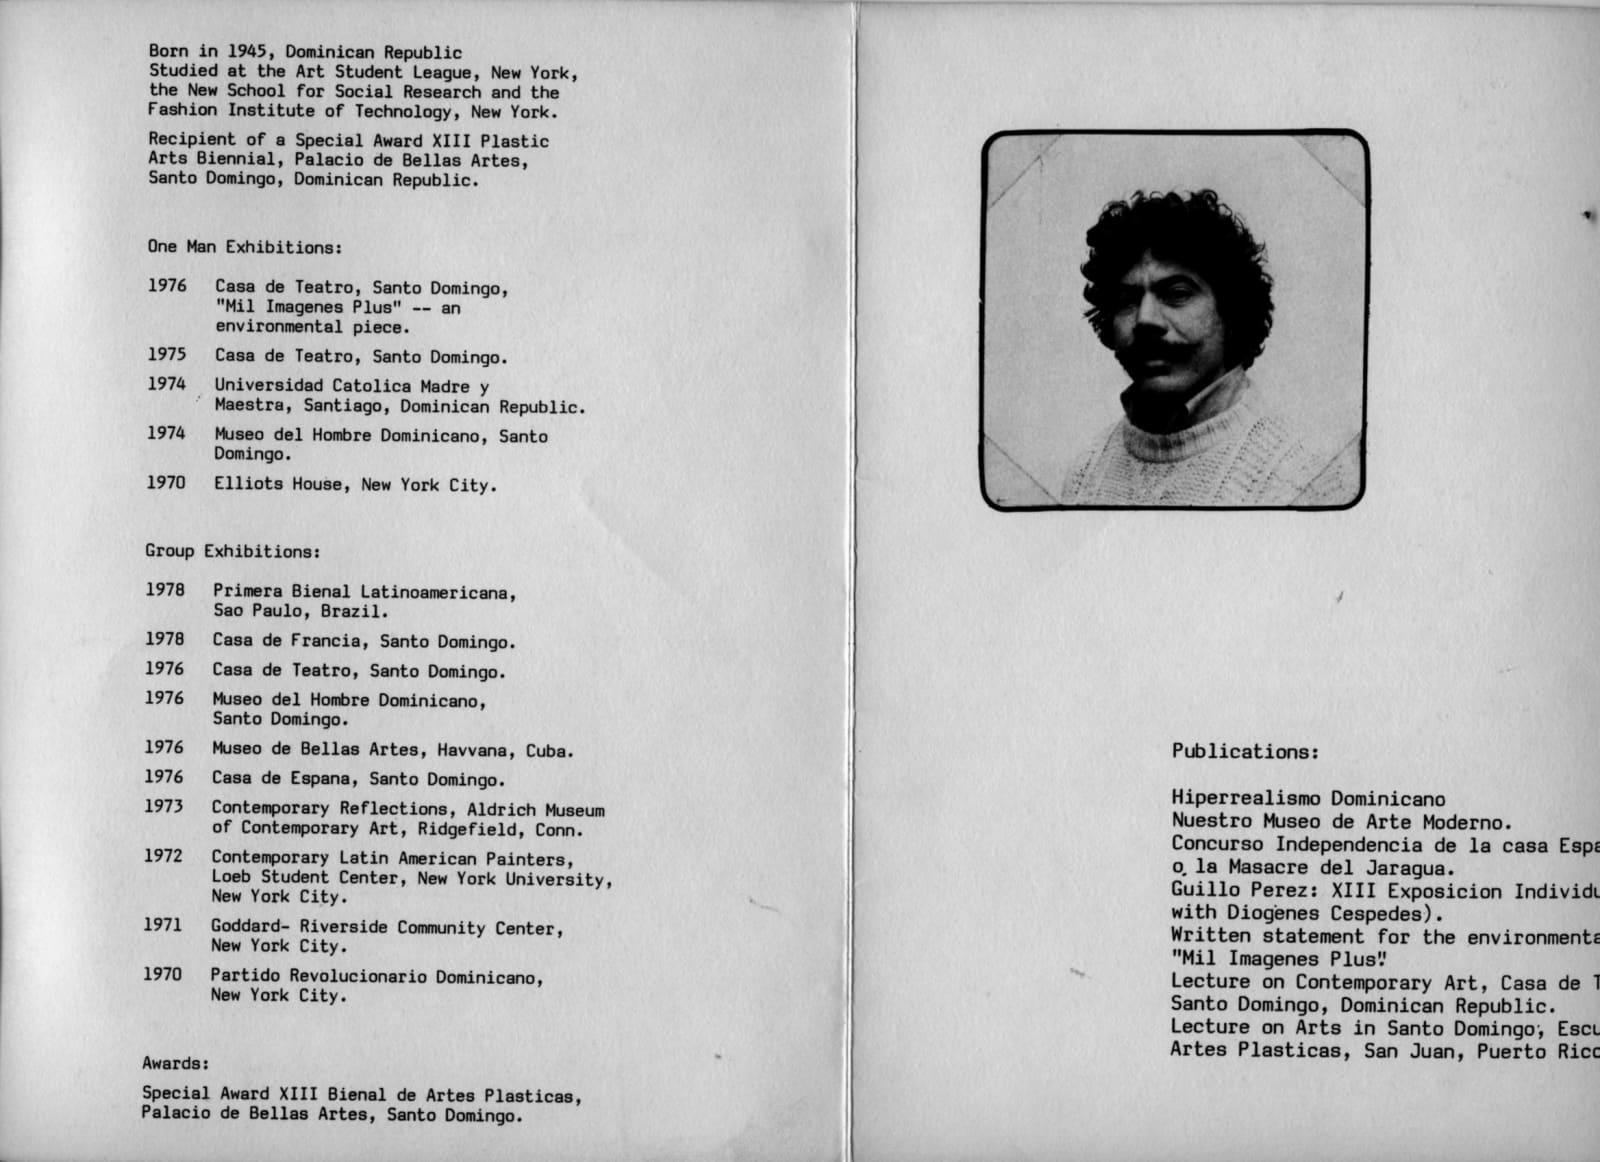 Freddy Rodríguez portrait and CV,Cayman Gallery, 1978